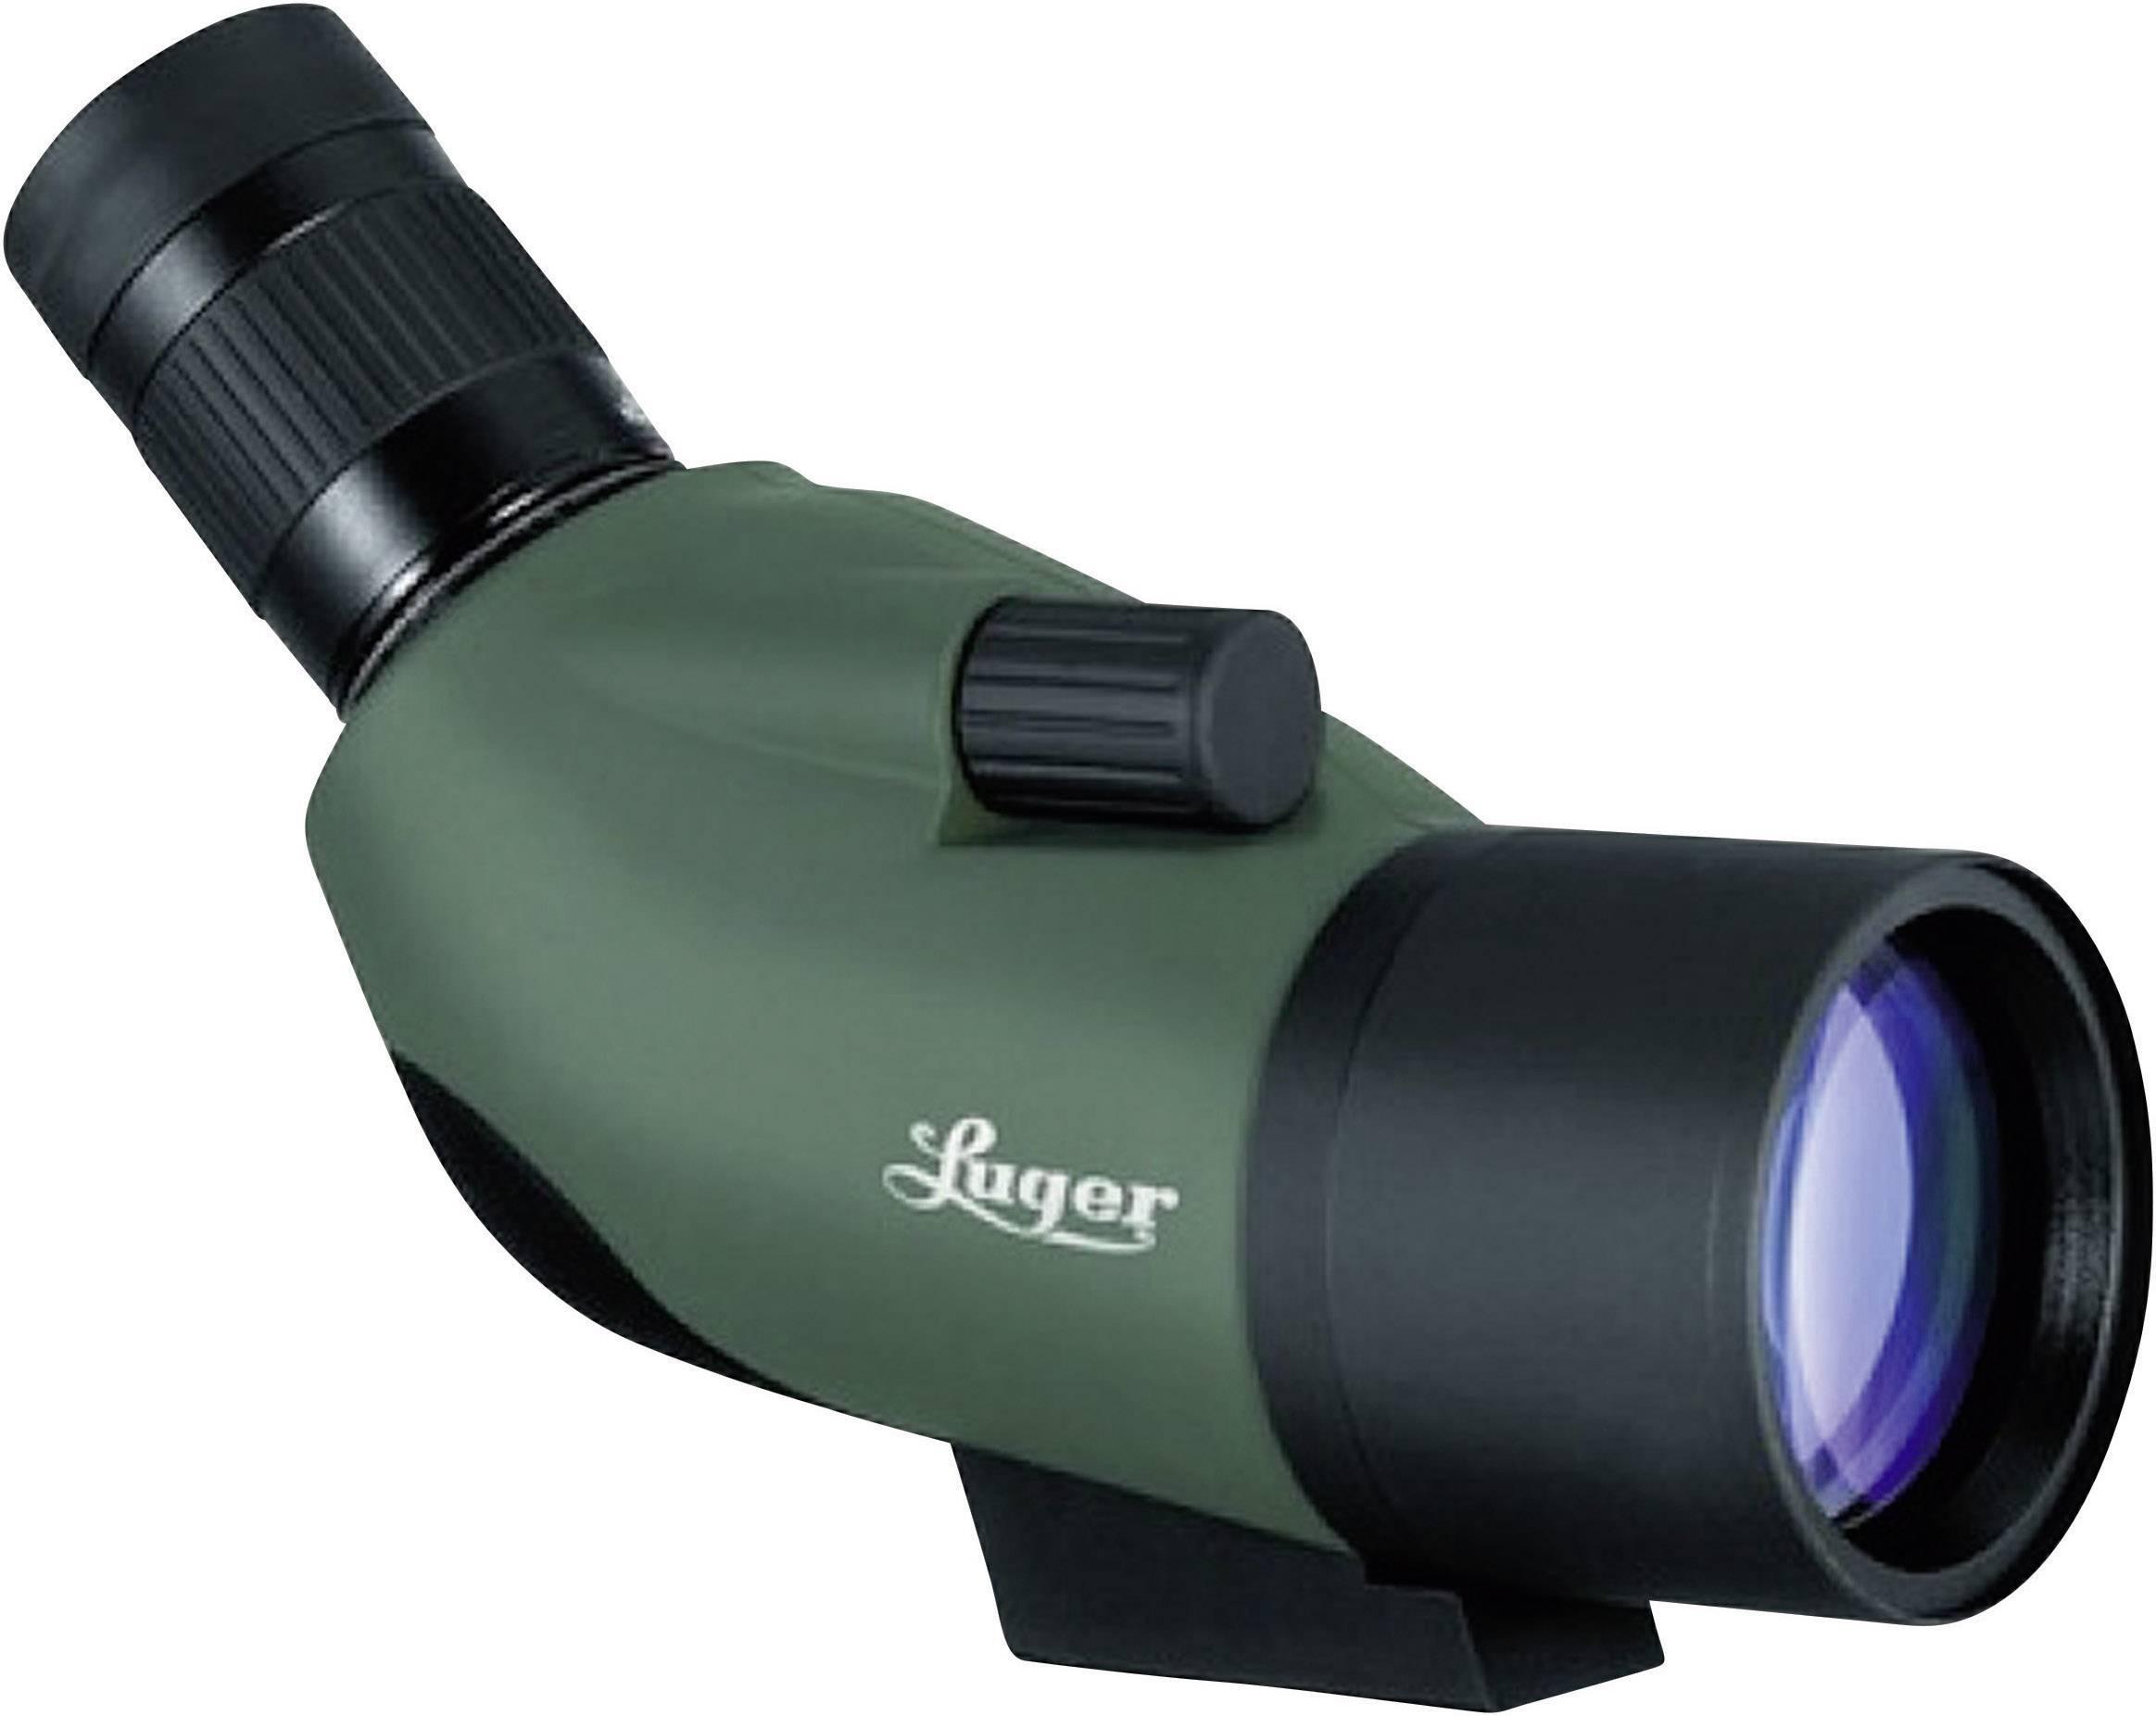 Pozorovací ďalekohľad Luger XM 50 mm, čiernozelená